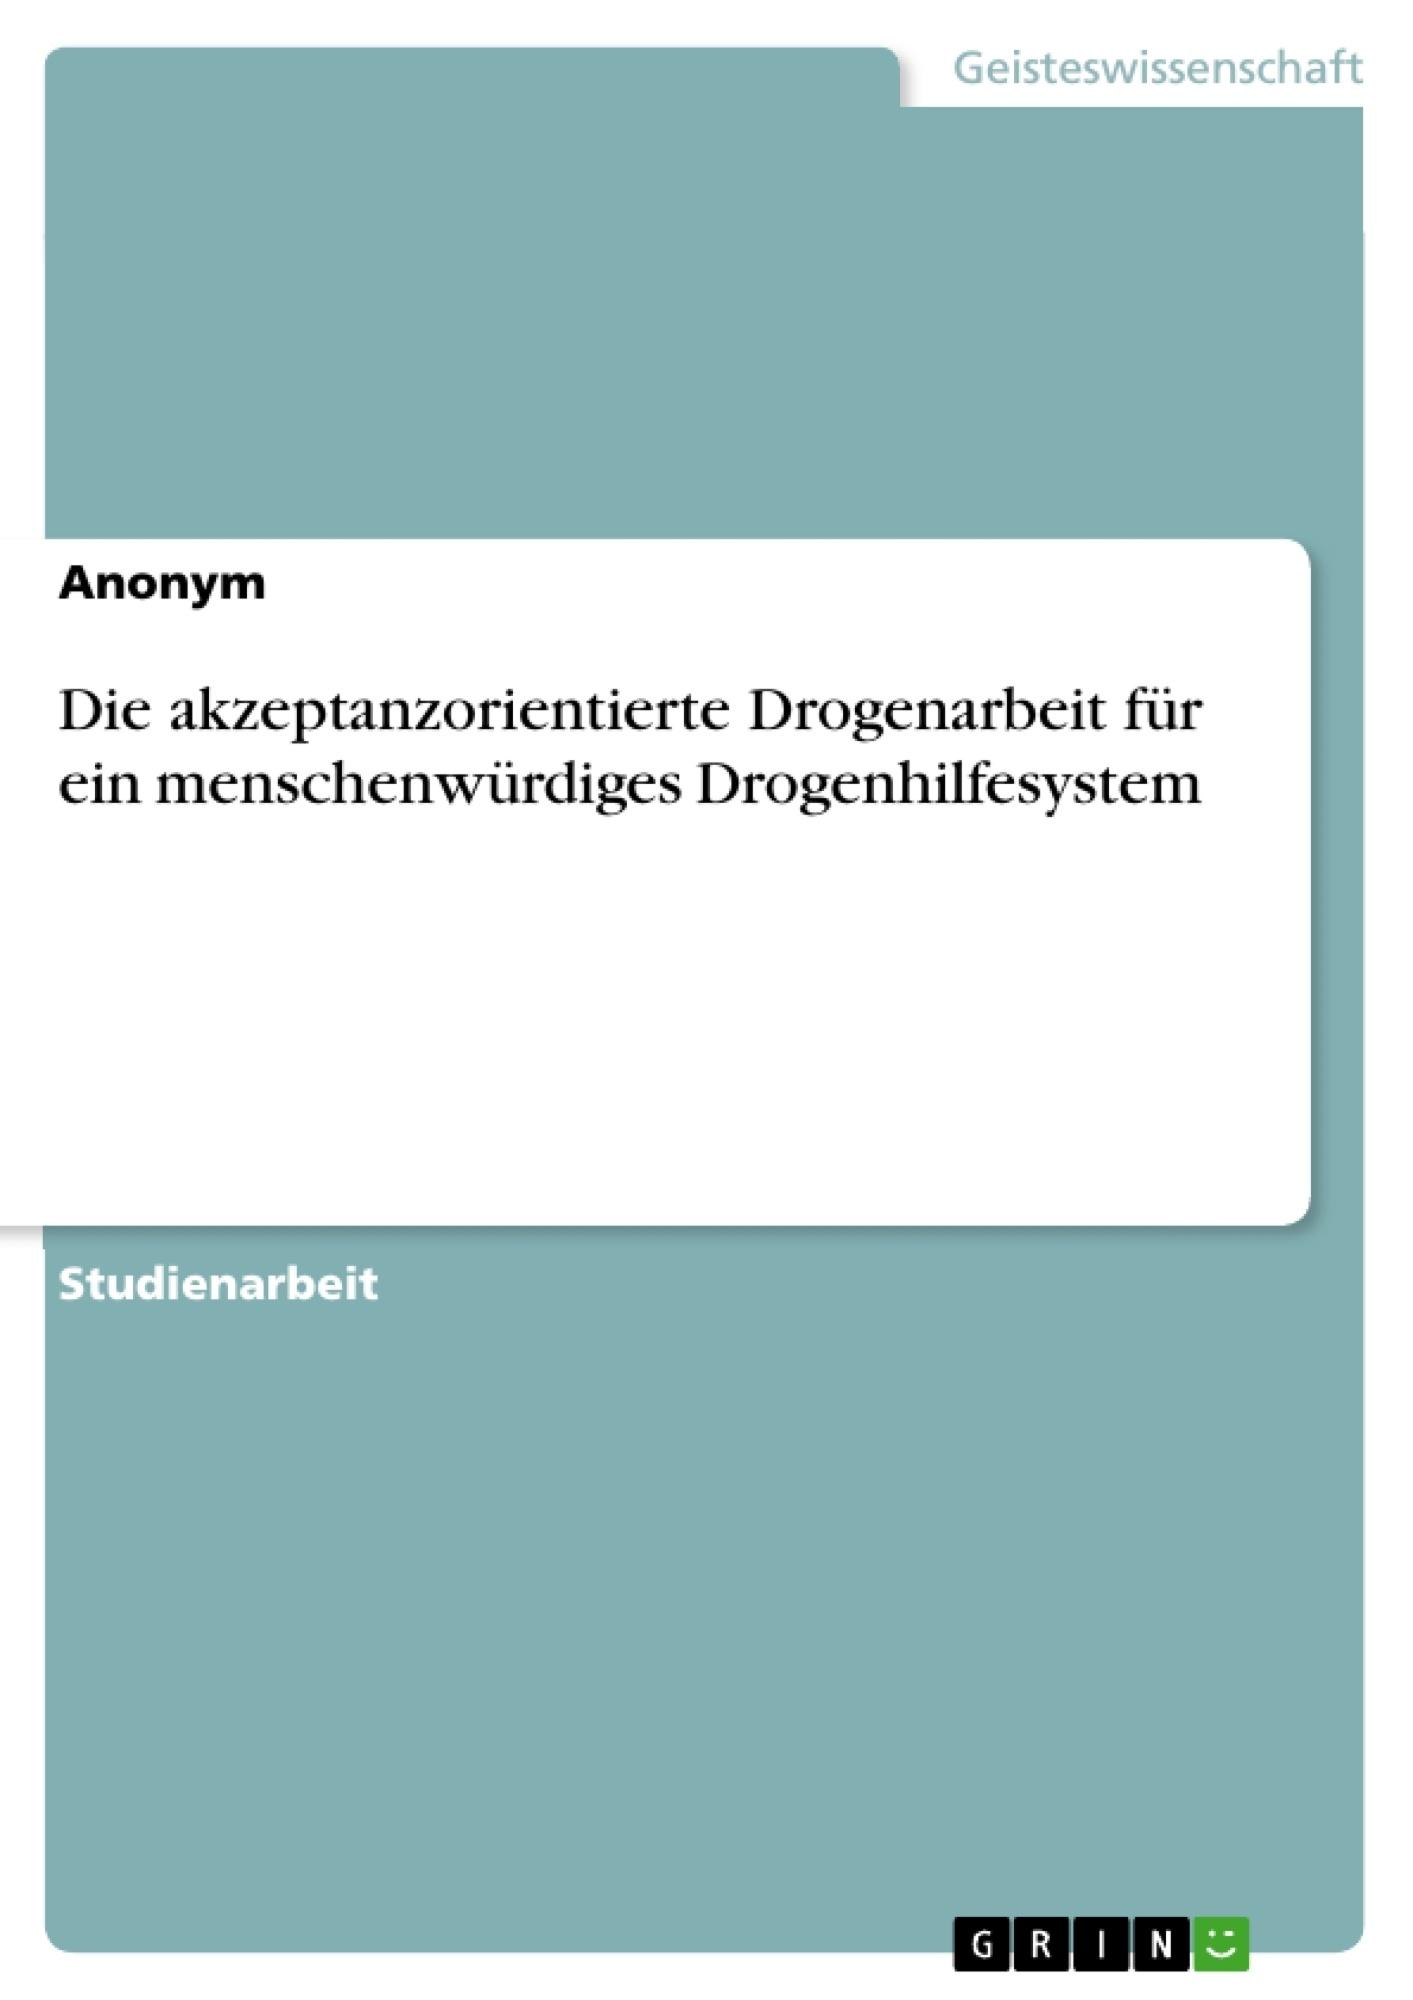 Titel: Die akzeptanzorientierte Drogenarbeit für ein menschenwürdiges Drogenhilfesystem